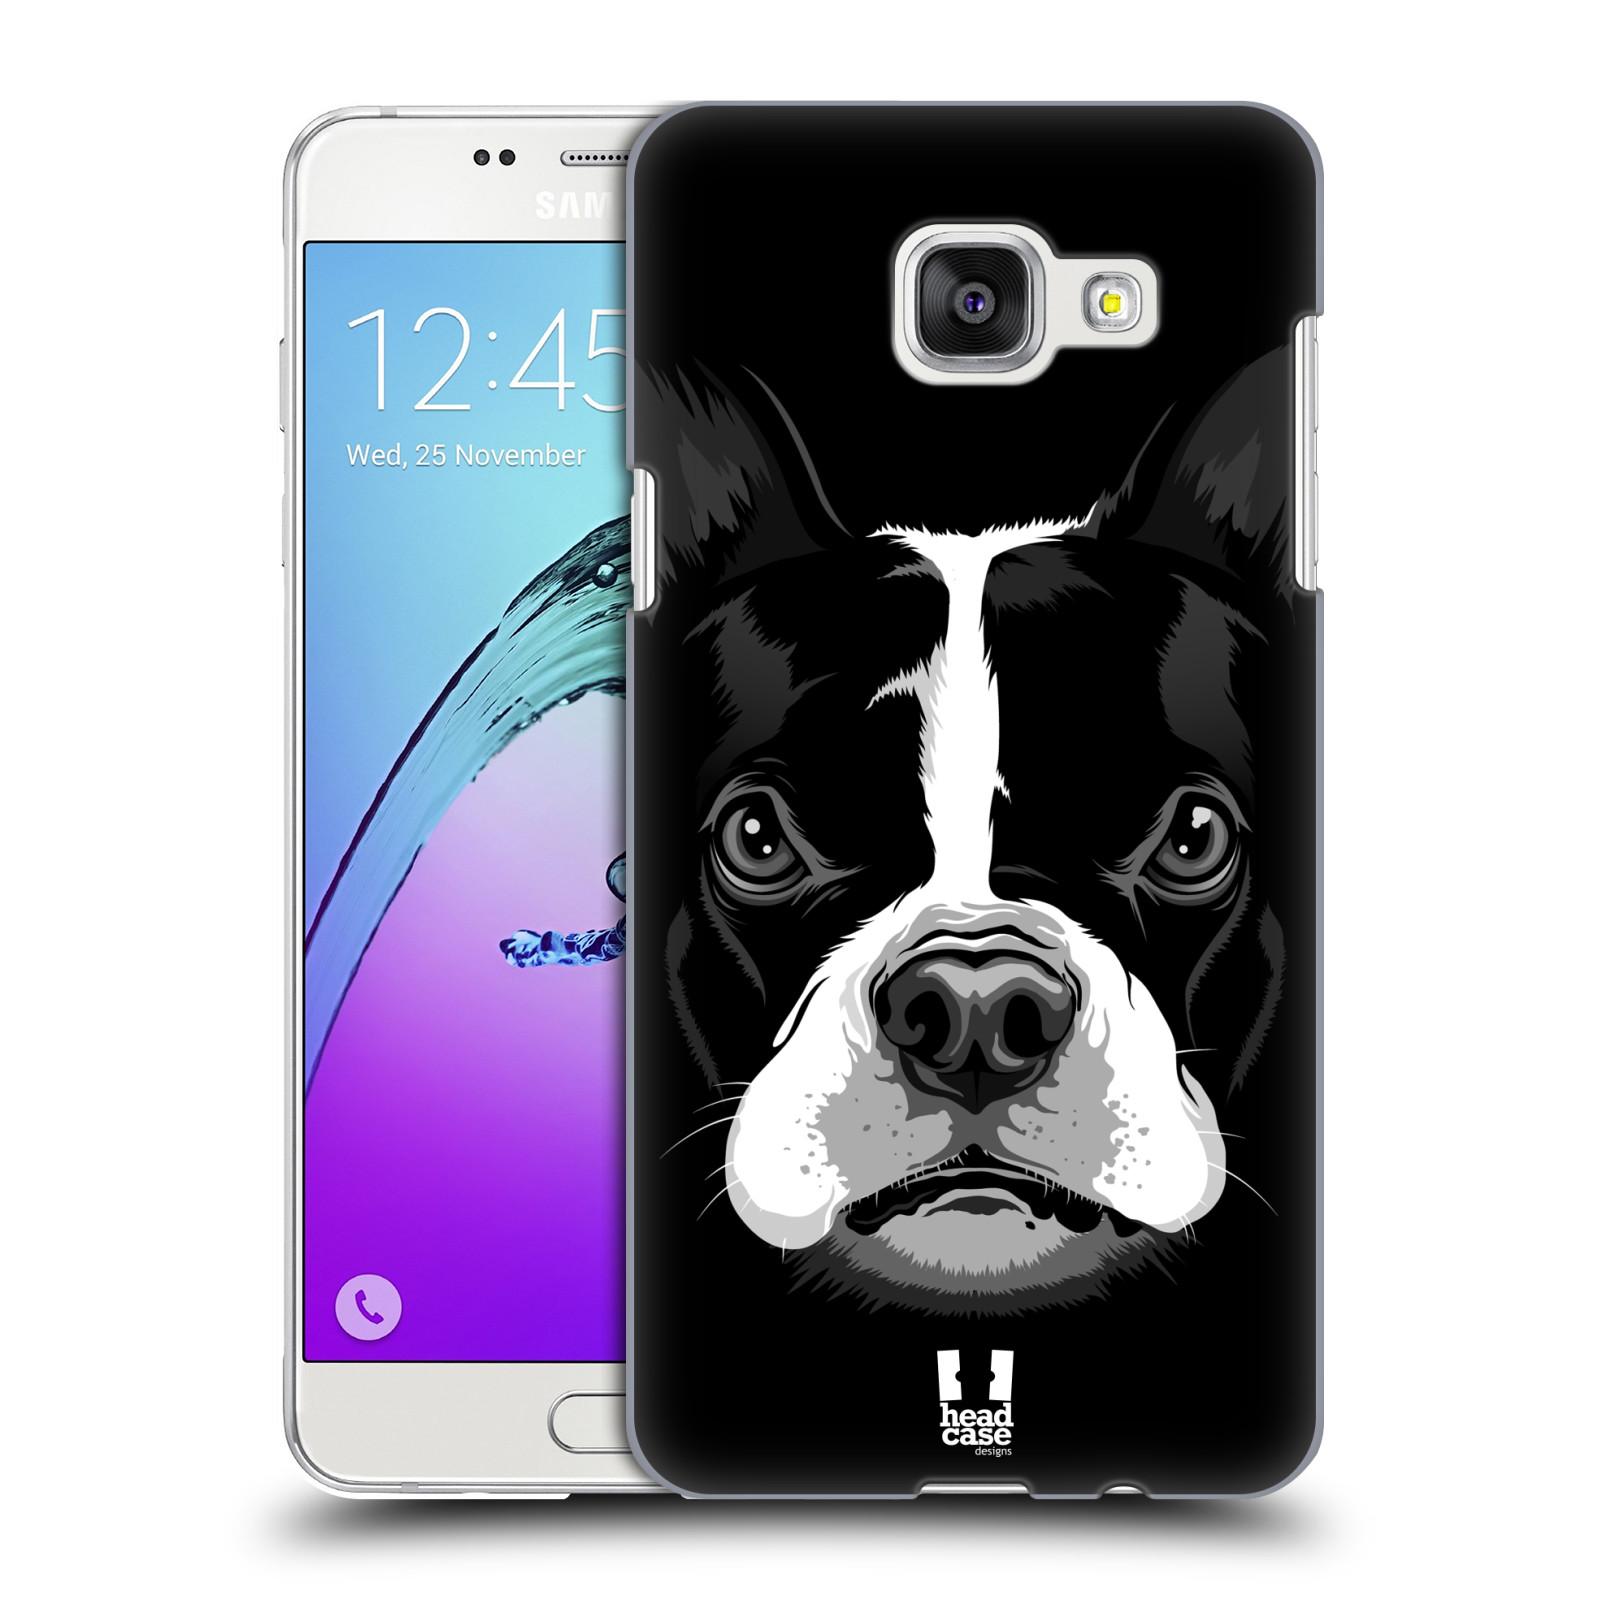 Plastové pouzdro na mobil Samsung Galaxy A5 (2016) HEAD CASE ILUSTROVANÝ BULDOČEK